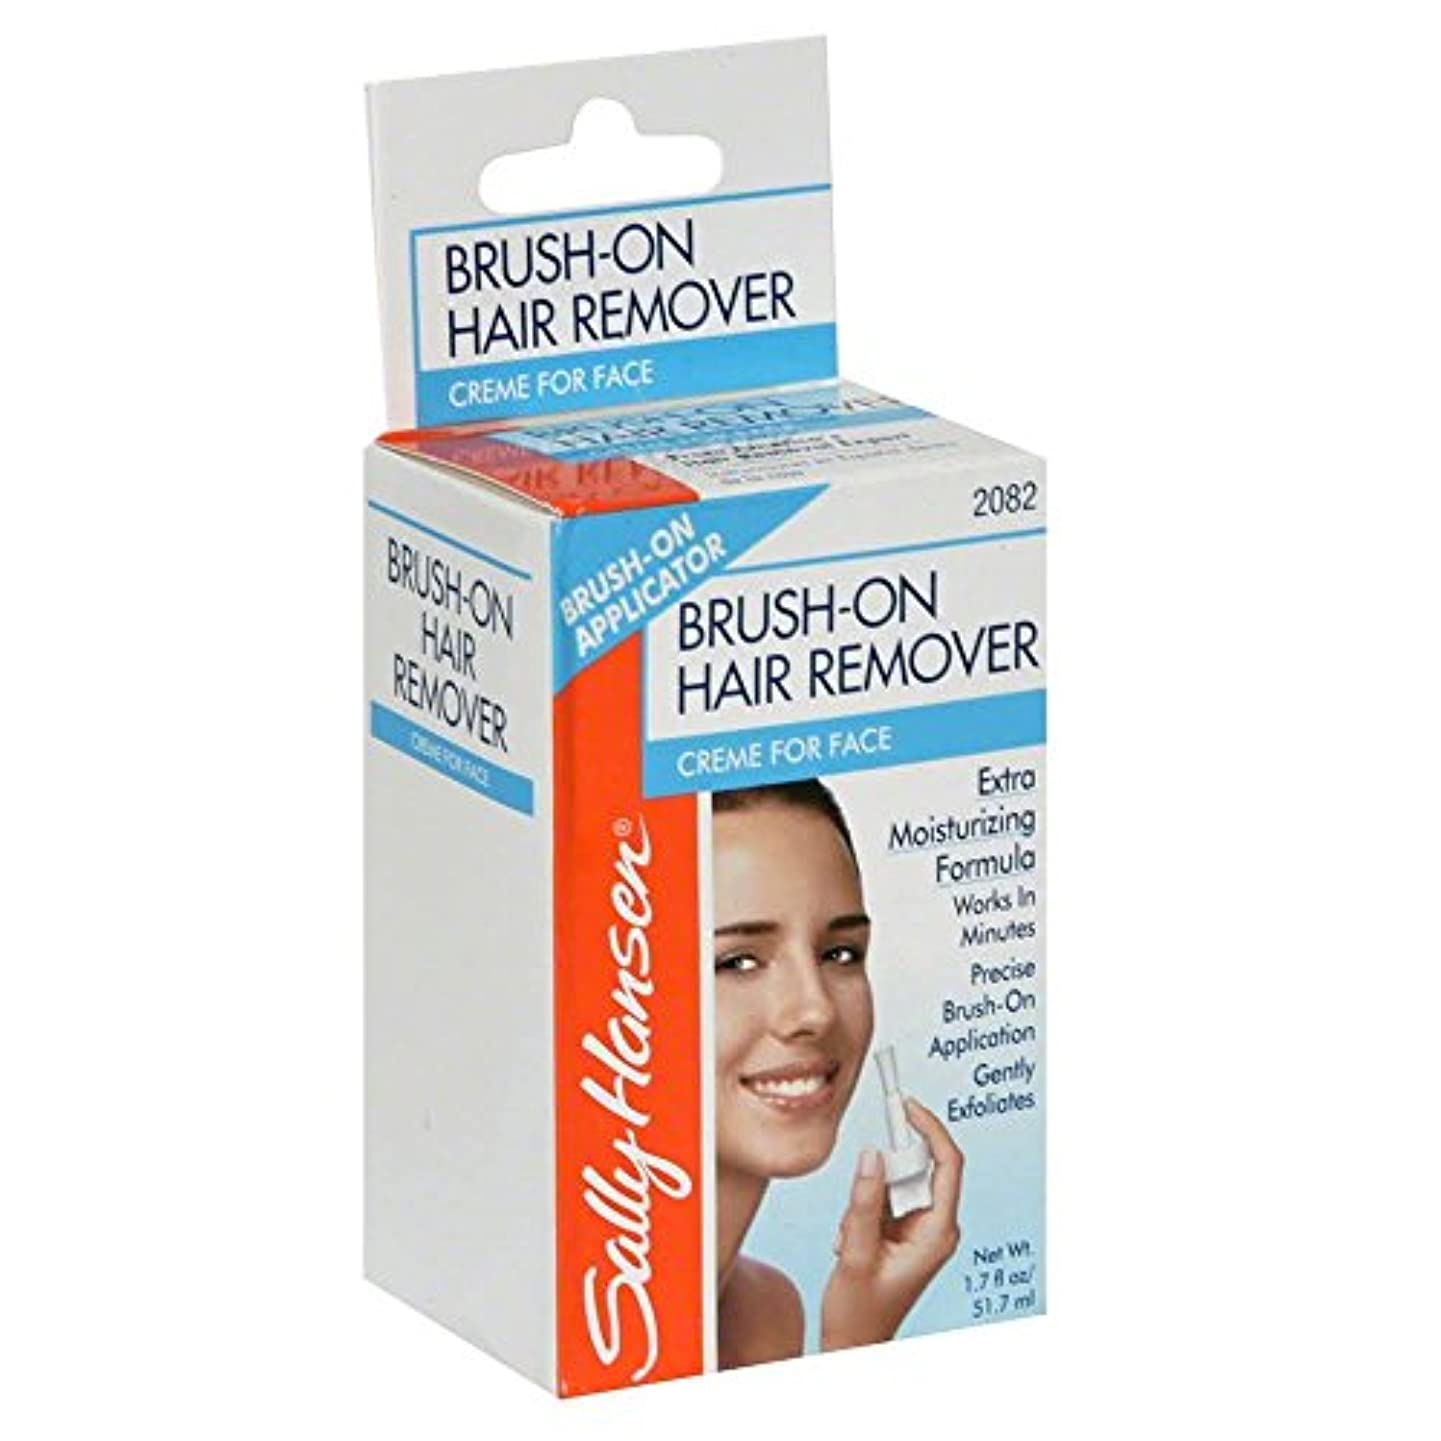 飽和するセグメント適応ブラシ式顔用除毛剤 (並行輸入品)